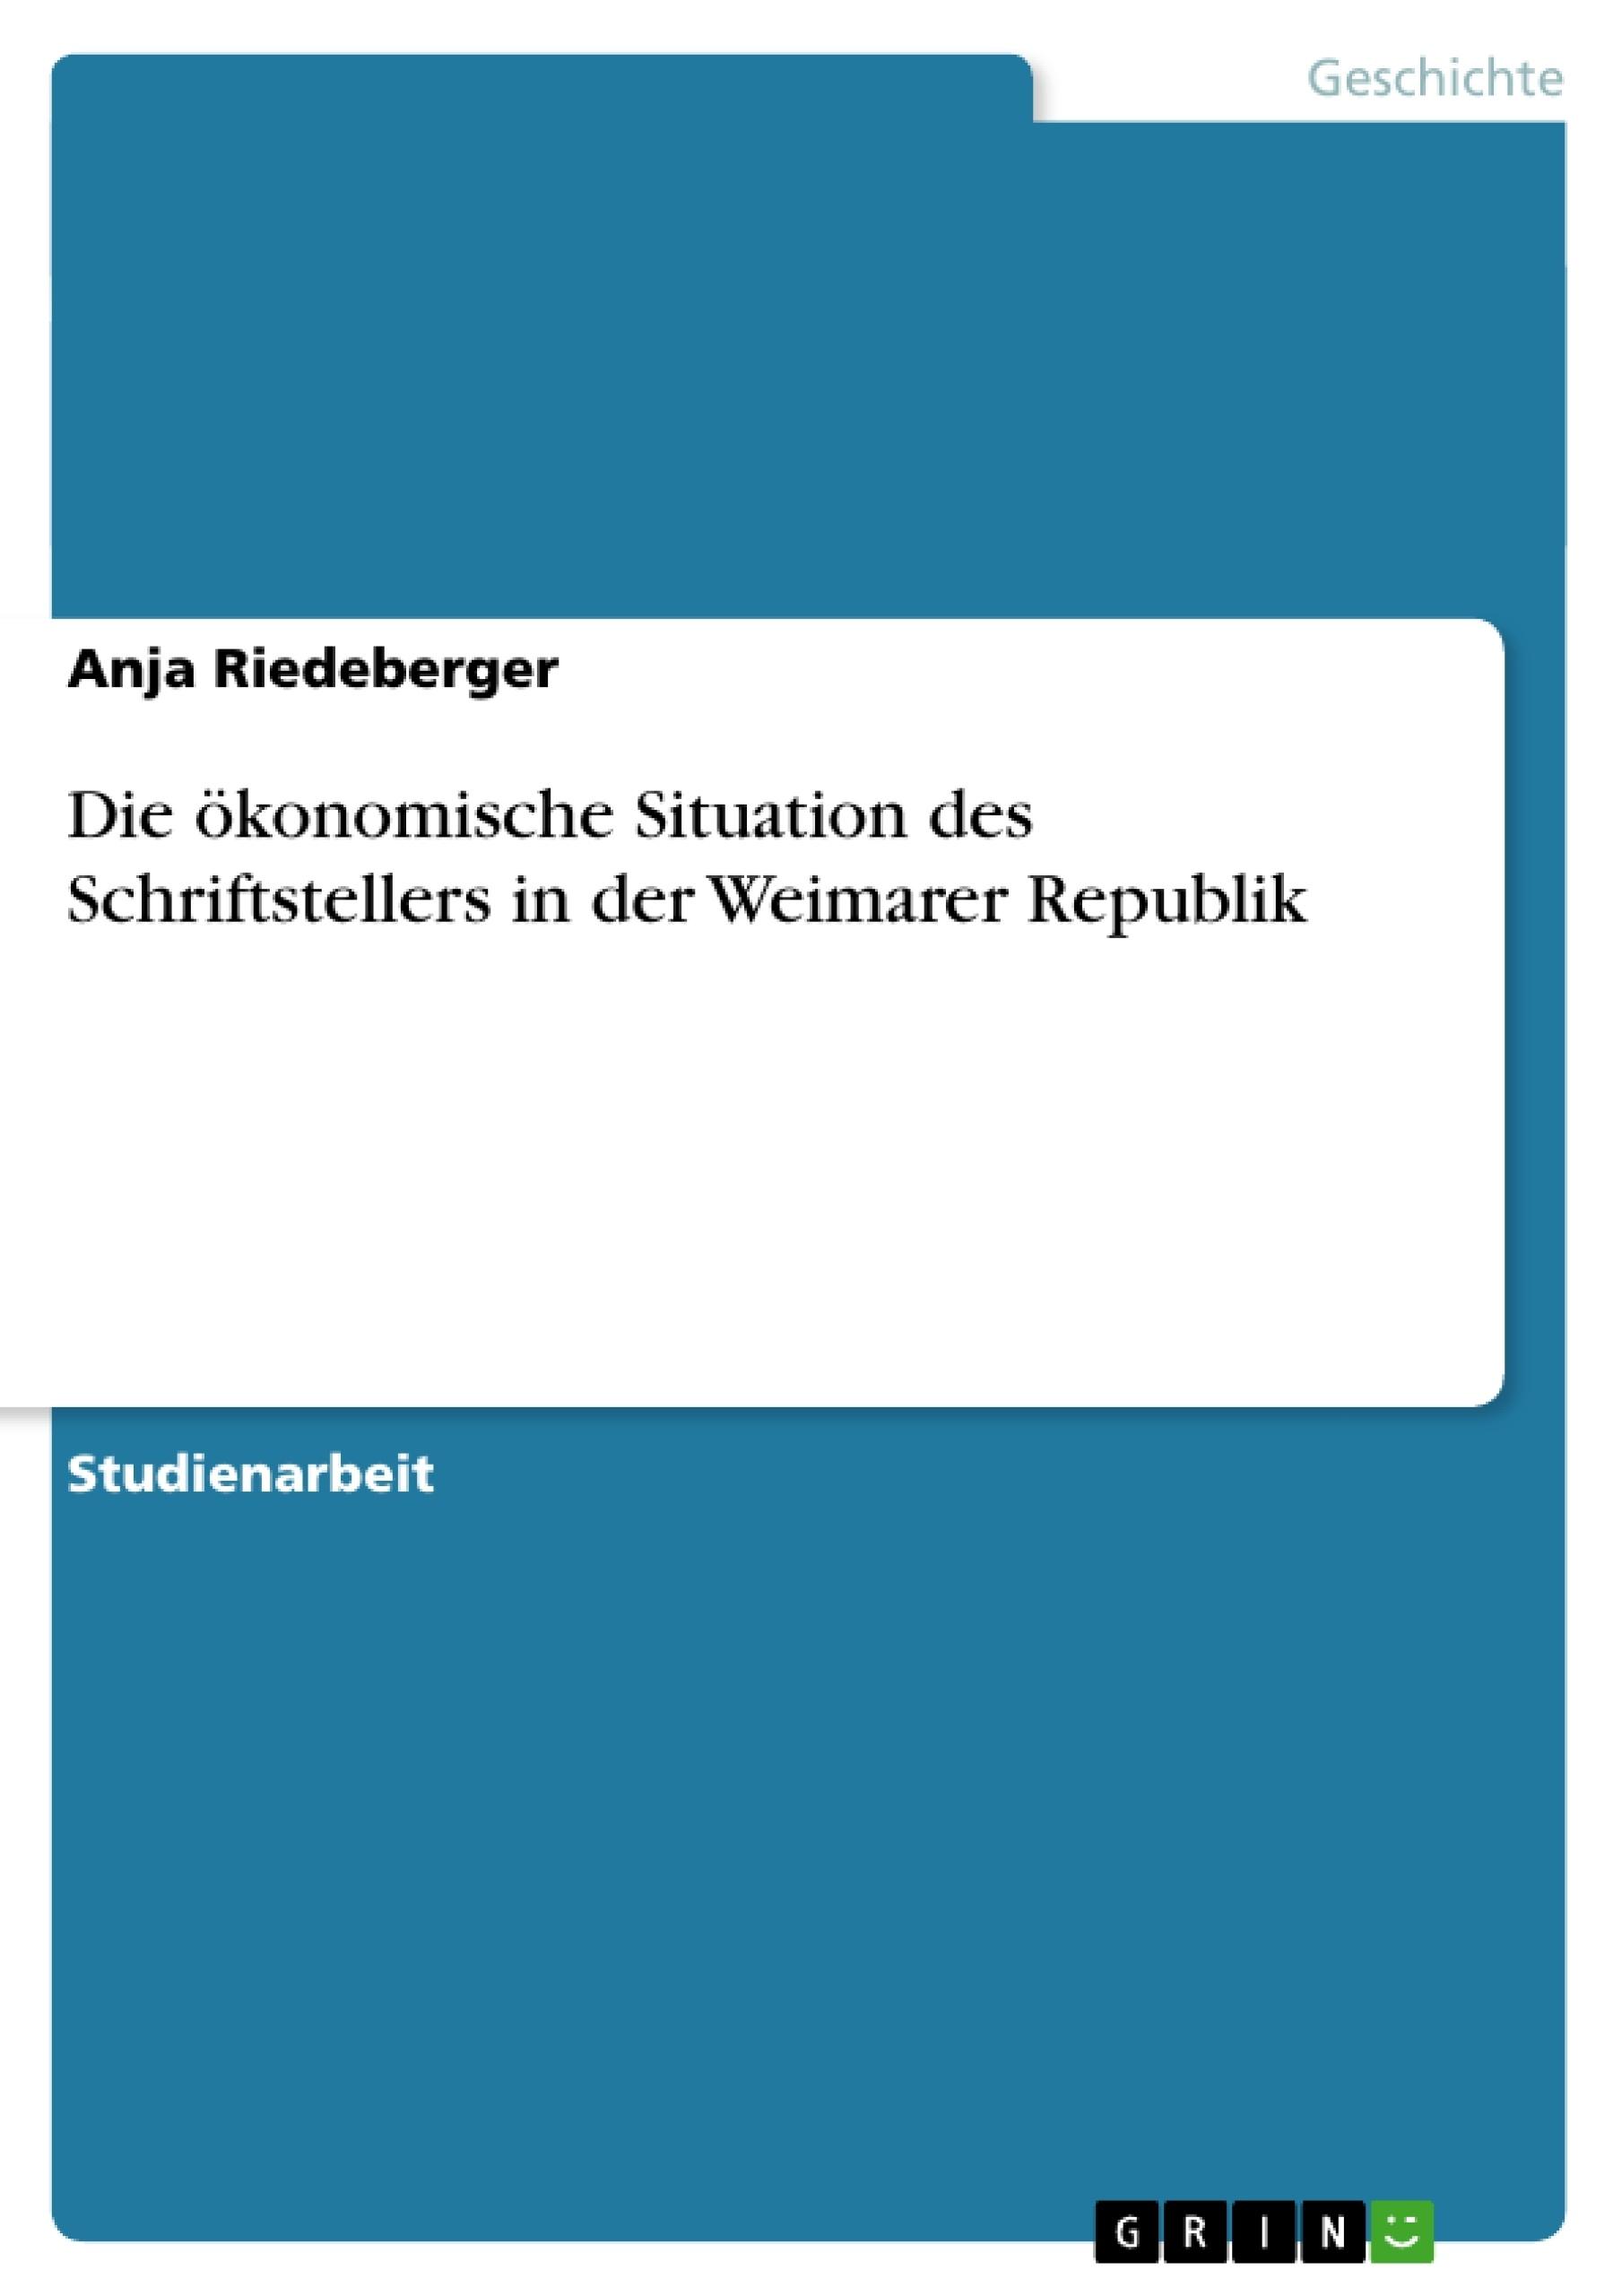 Titel: Die ökonomische Situation des Schriftstellers in der Weimarer Republik